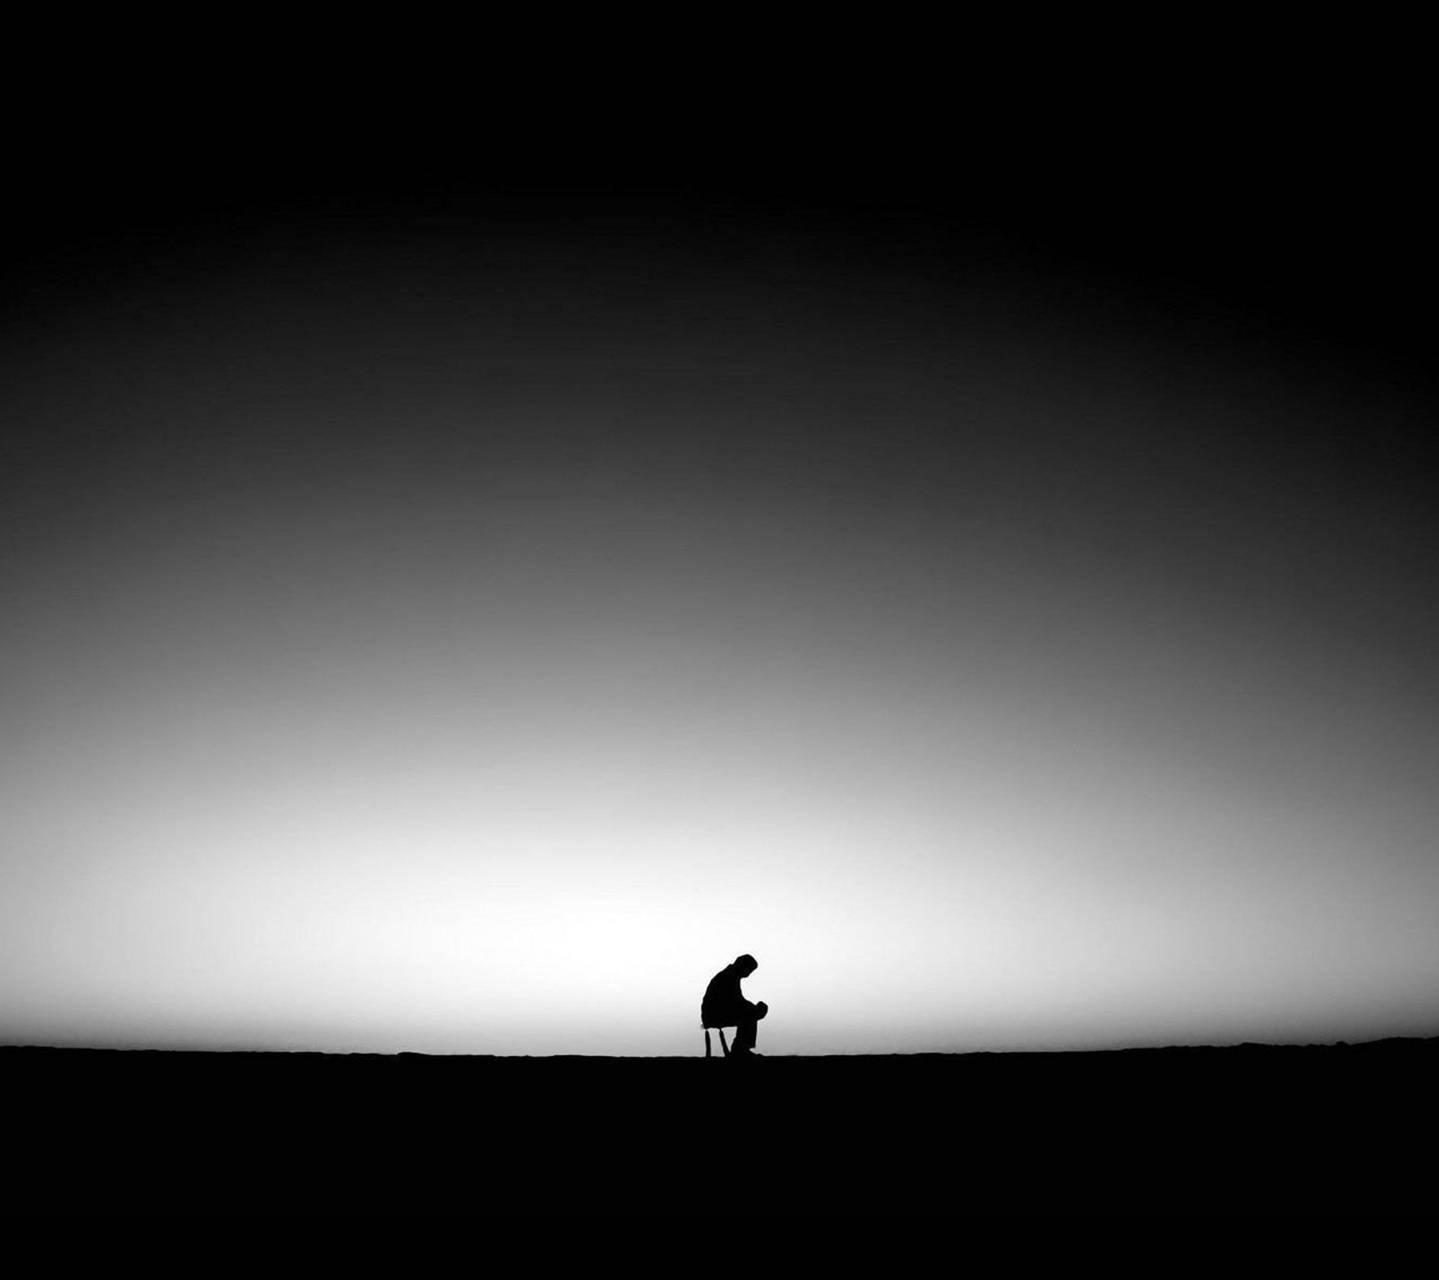 عکس زمینه مرد غمگین و تنها پس زمینه